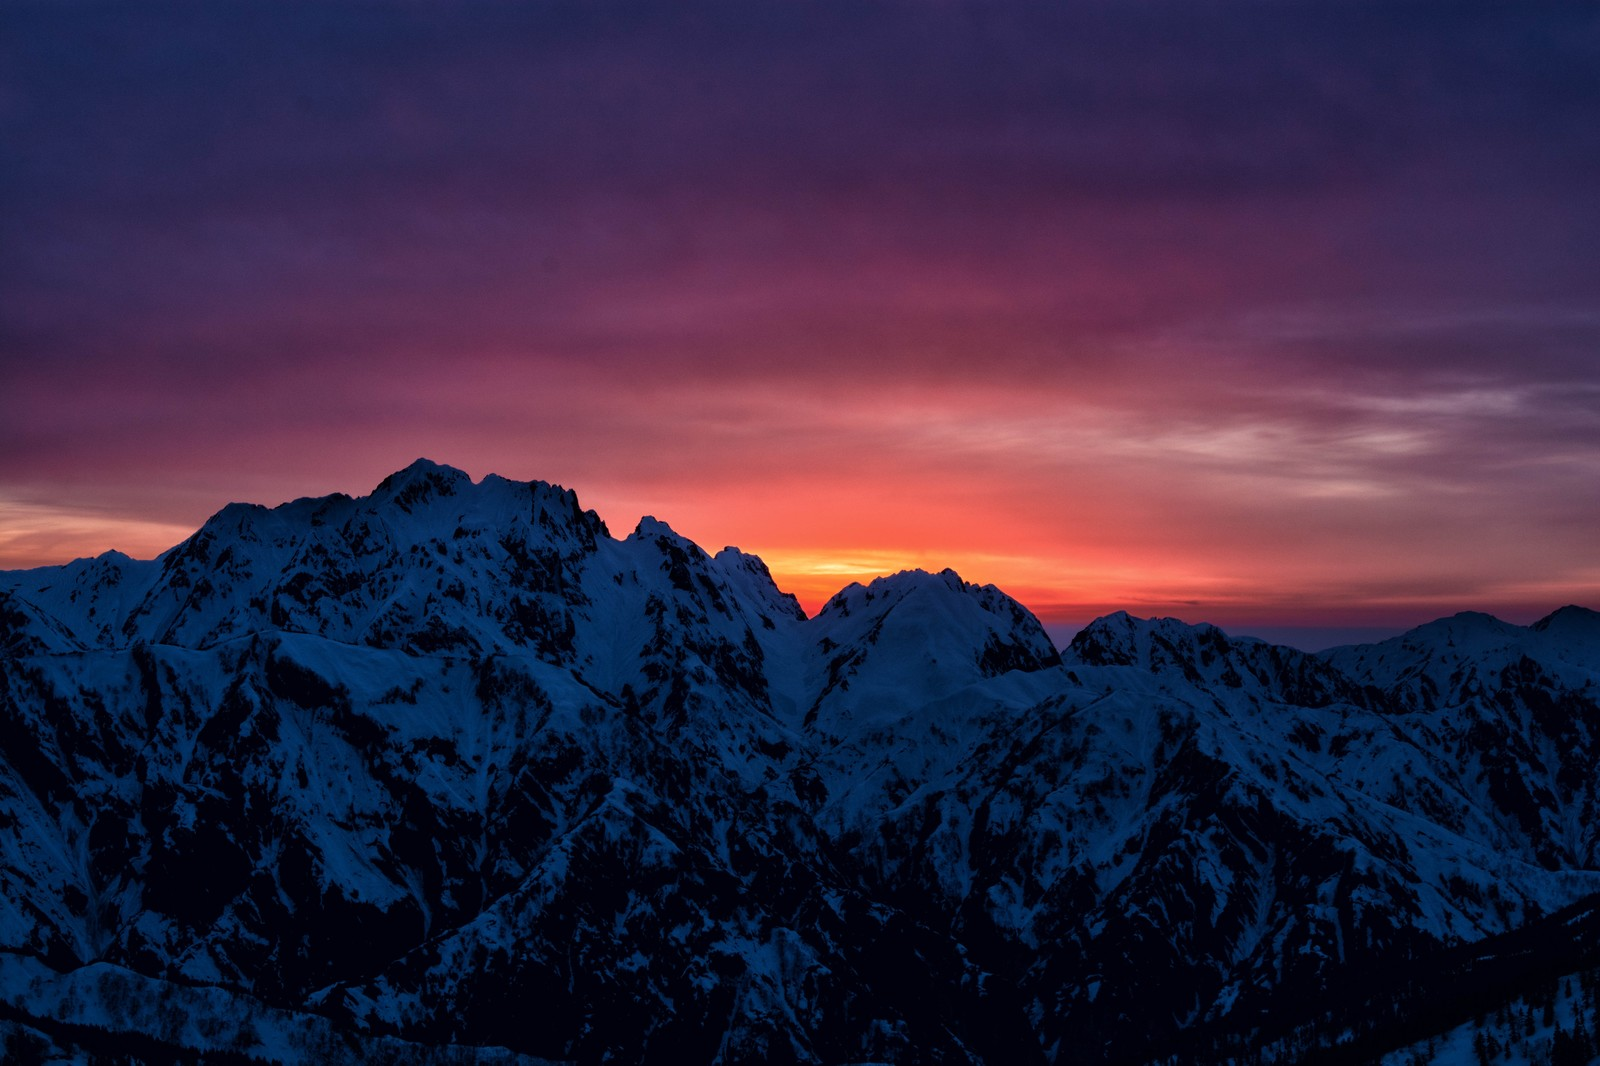 「剱岳に沈む夕日」の写真